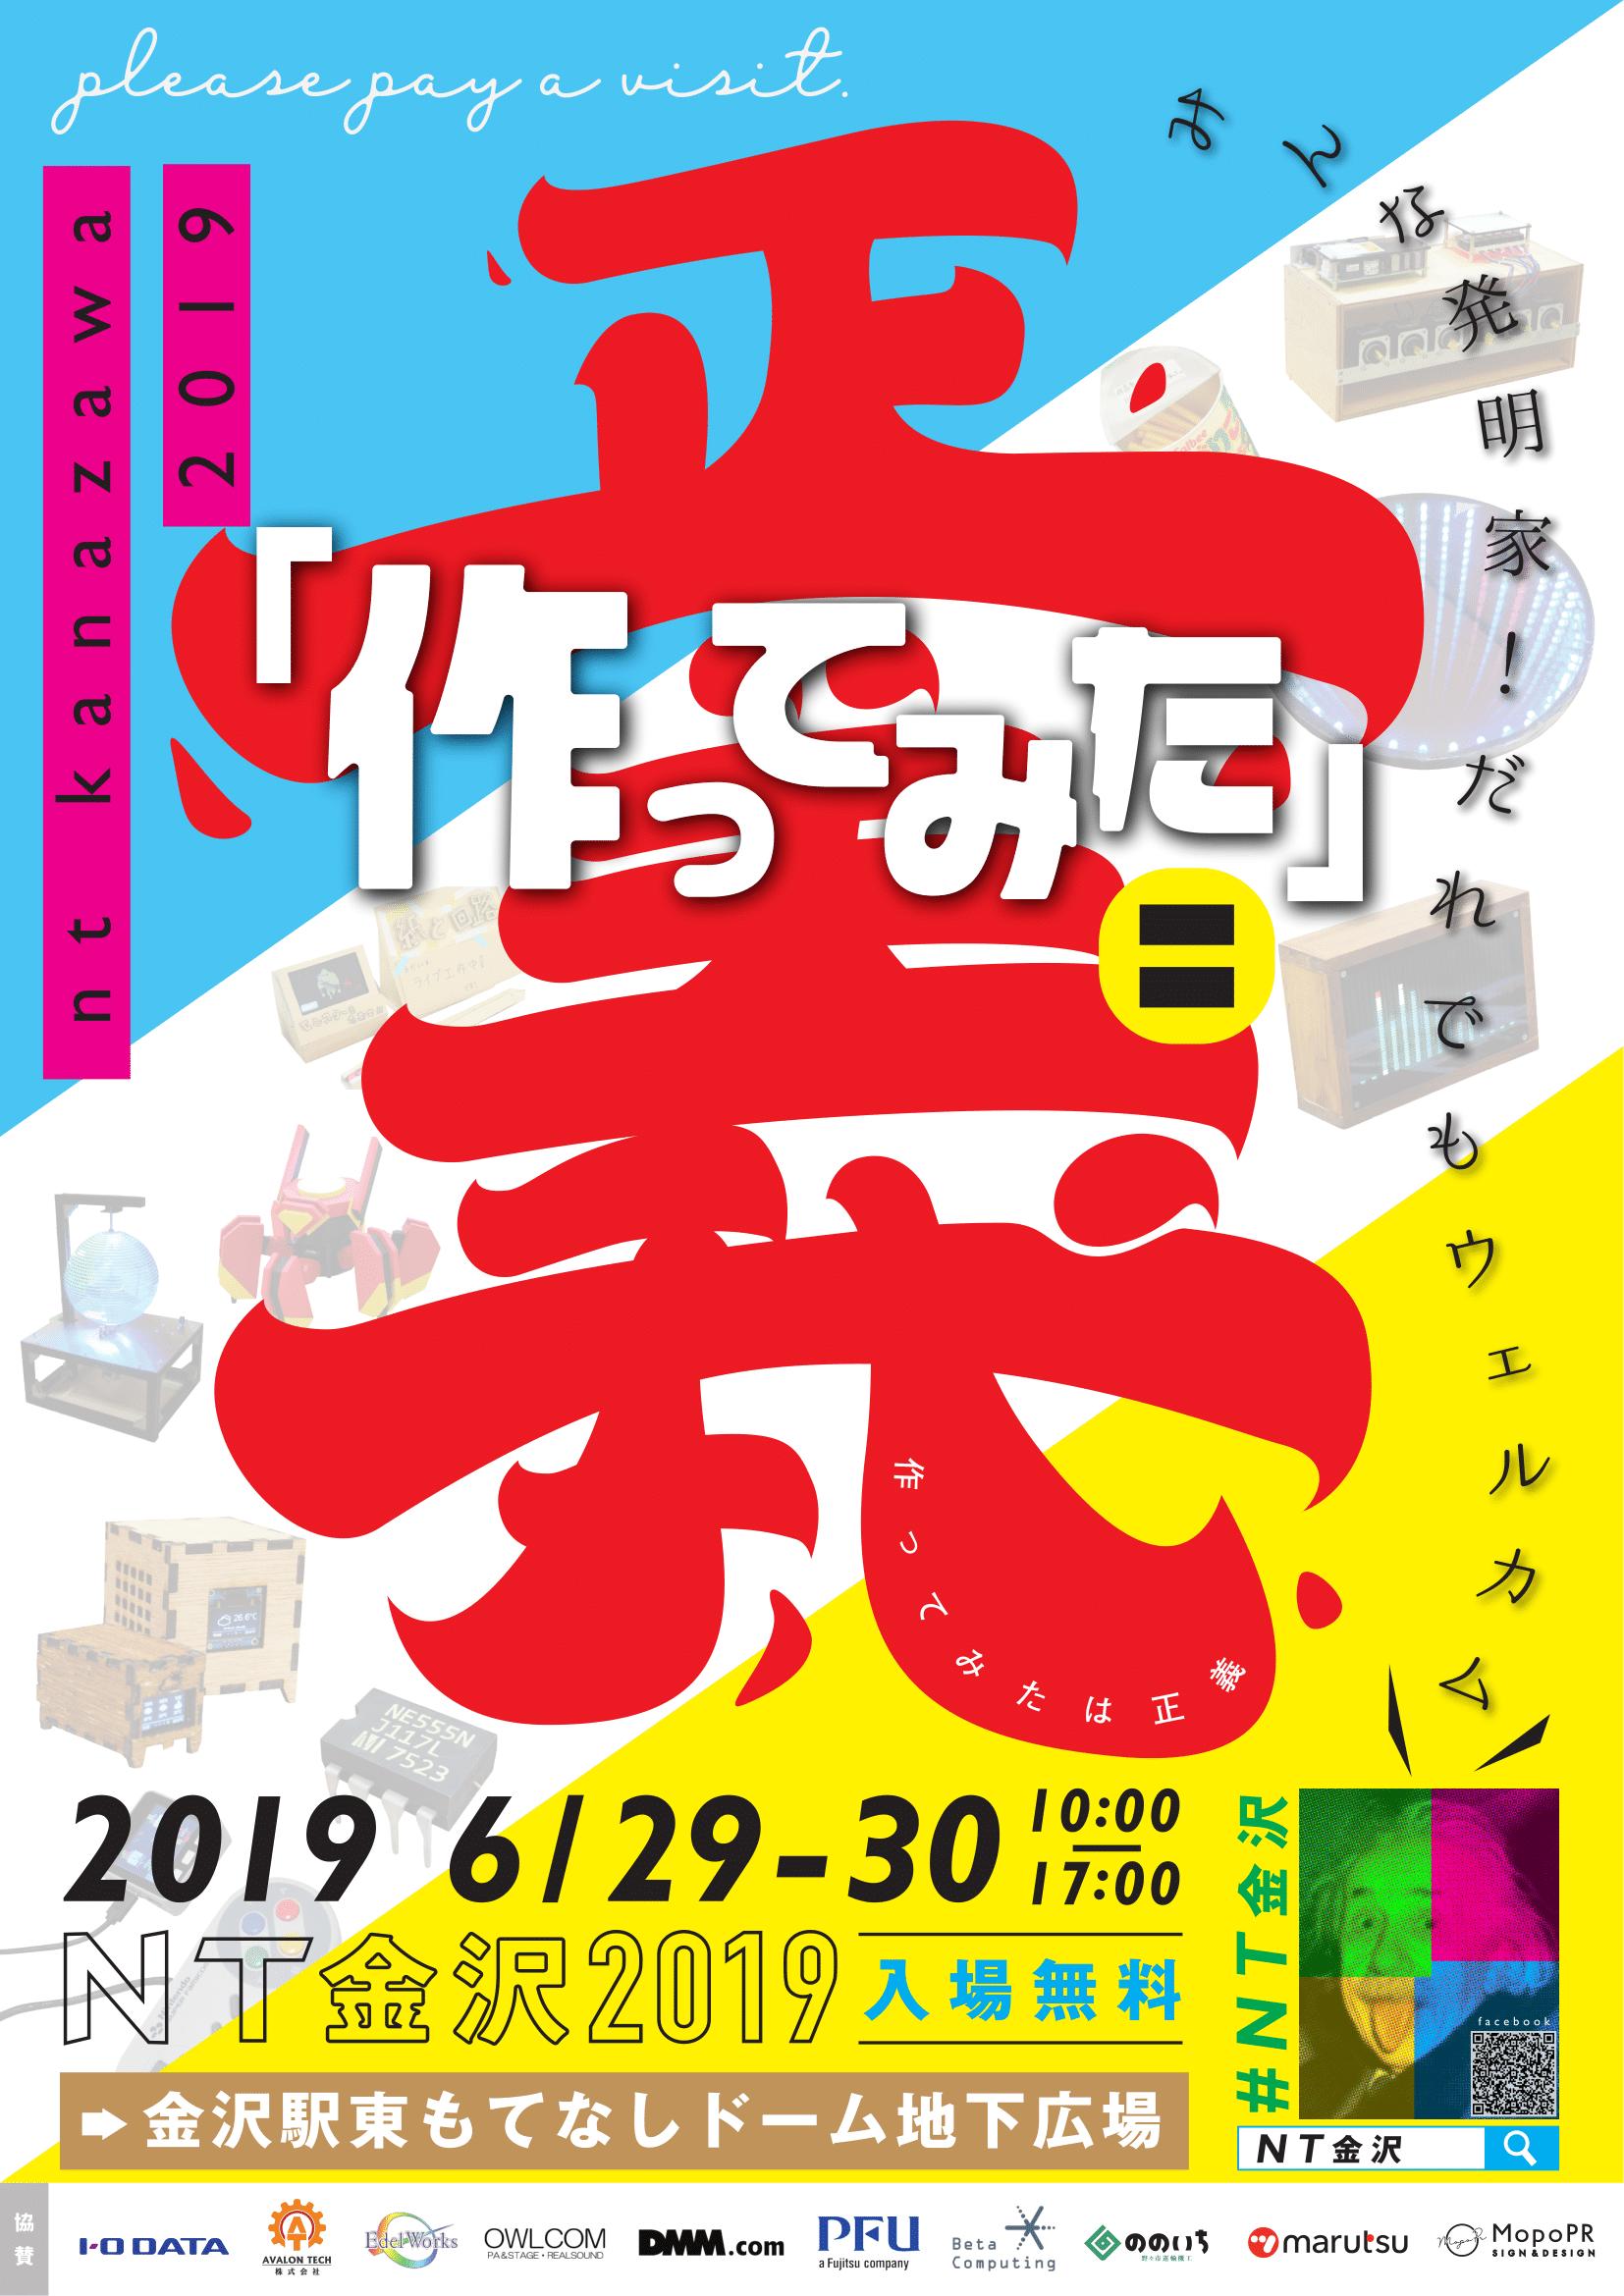 ntkanazawa2019_poster1.png